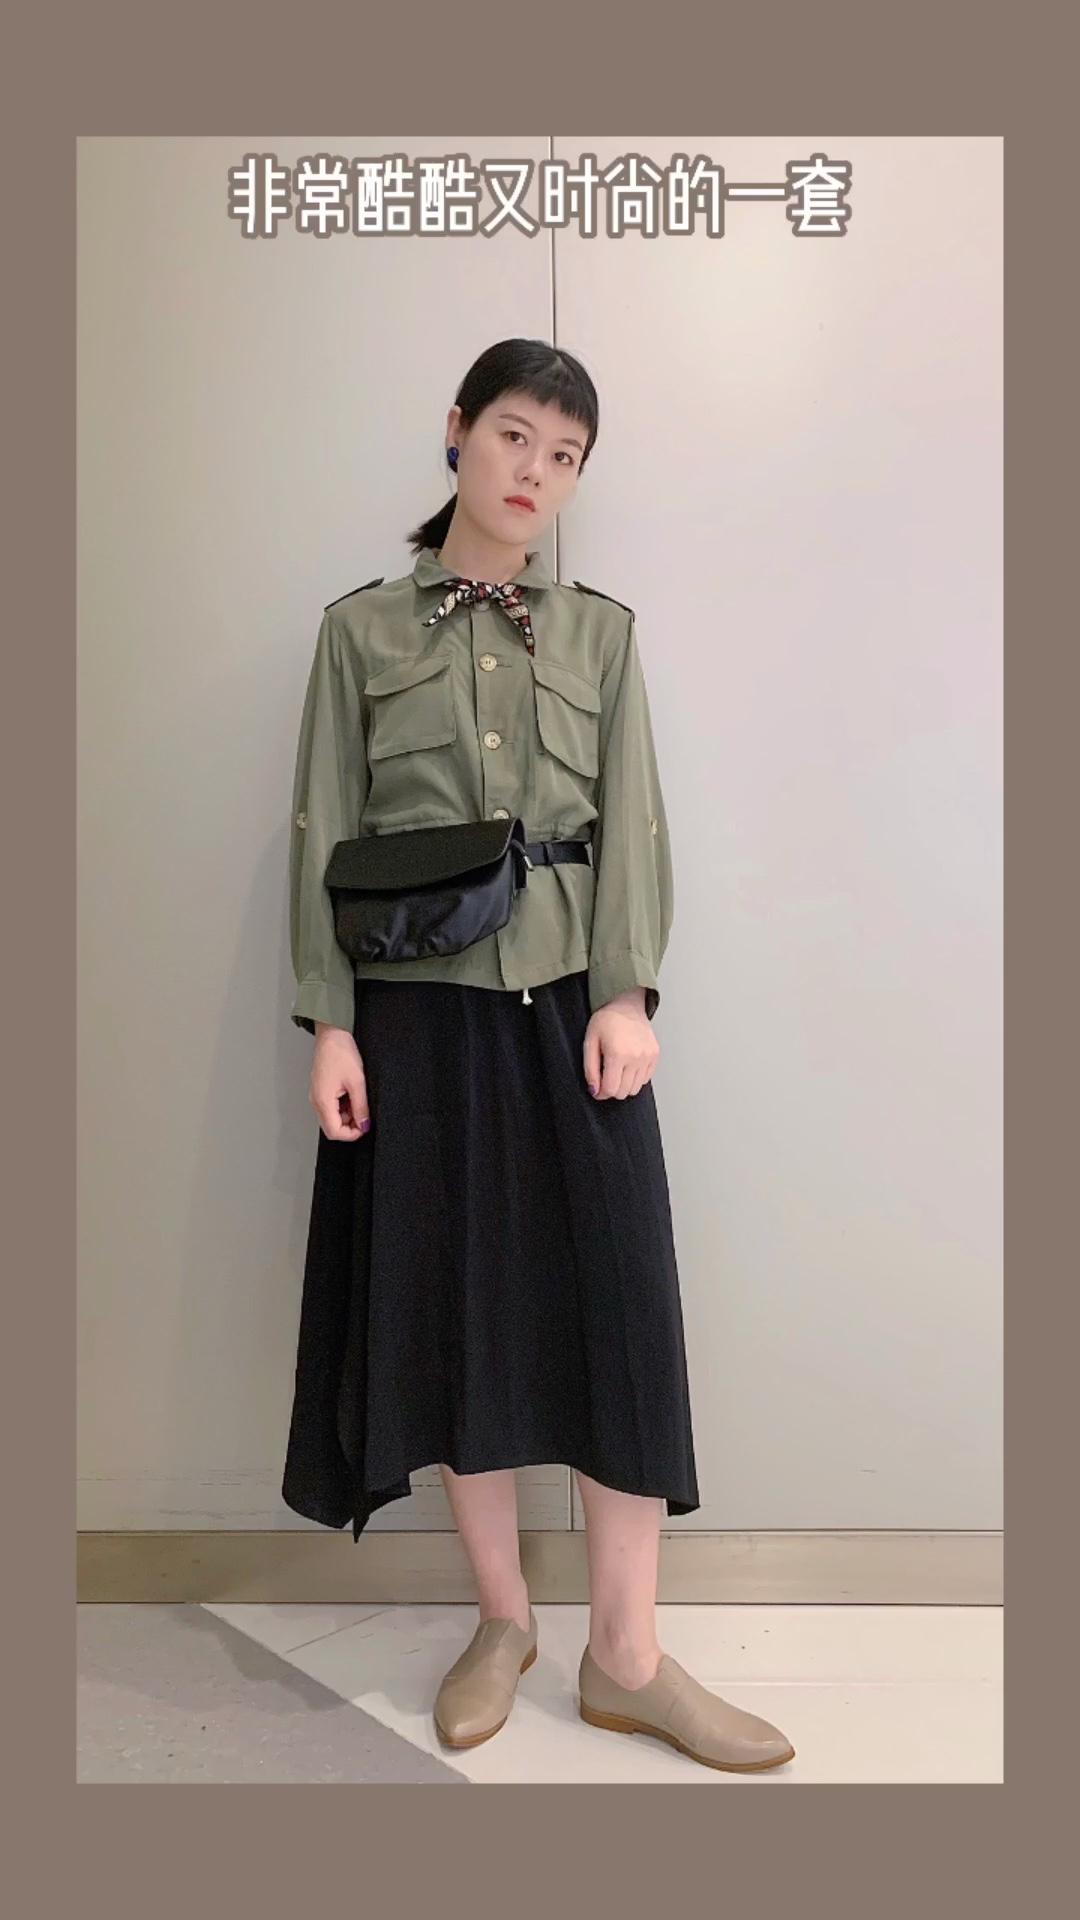 #入秋单品王,这件最上头#   很爱这件绿色的外套了 单穿很好看而且还能当外套 天丝面料很有质感 搭配同样的天丝面料整体很有高级感 腰带加上去更有范了 丝巾提高搭配感